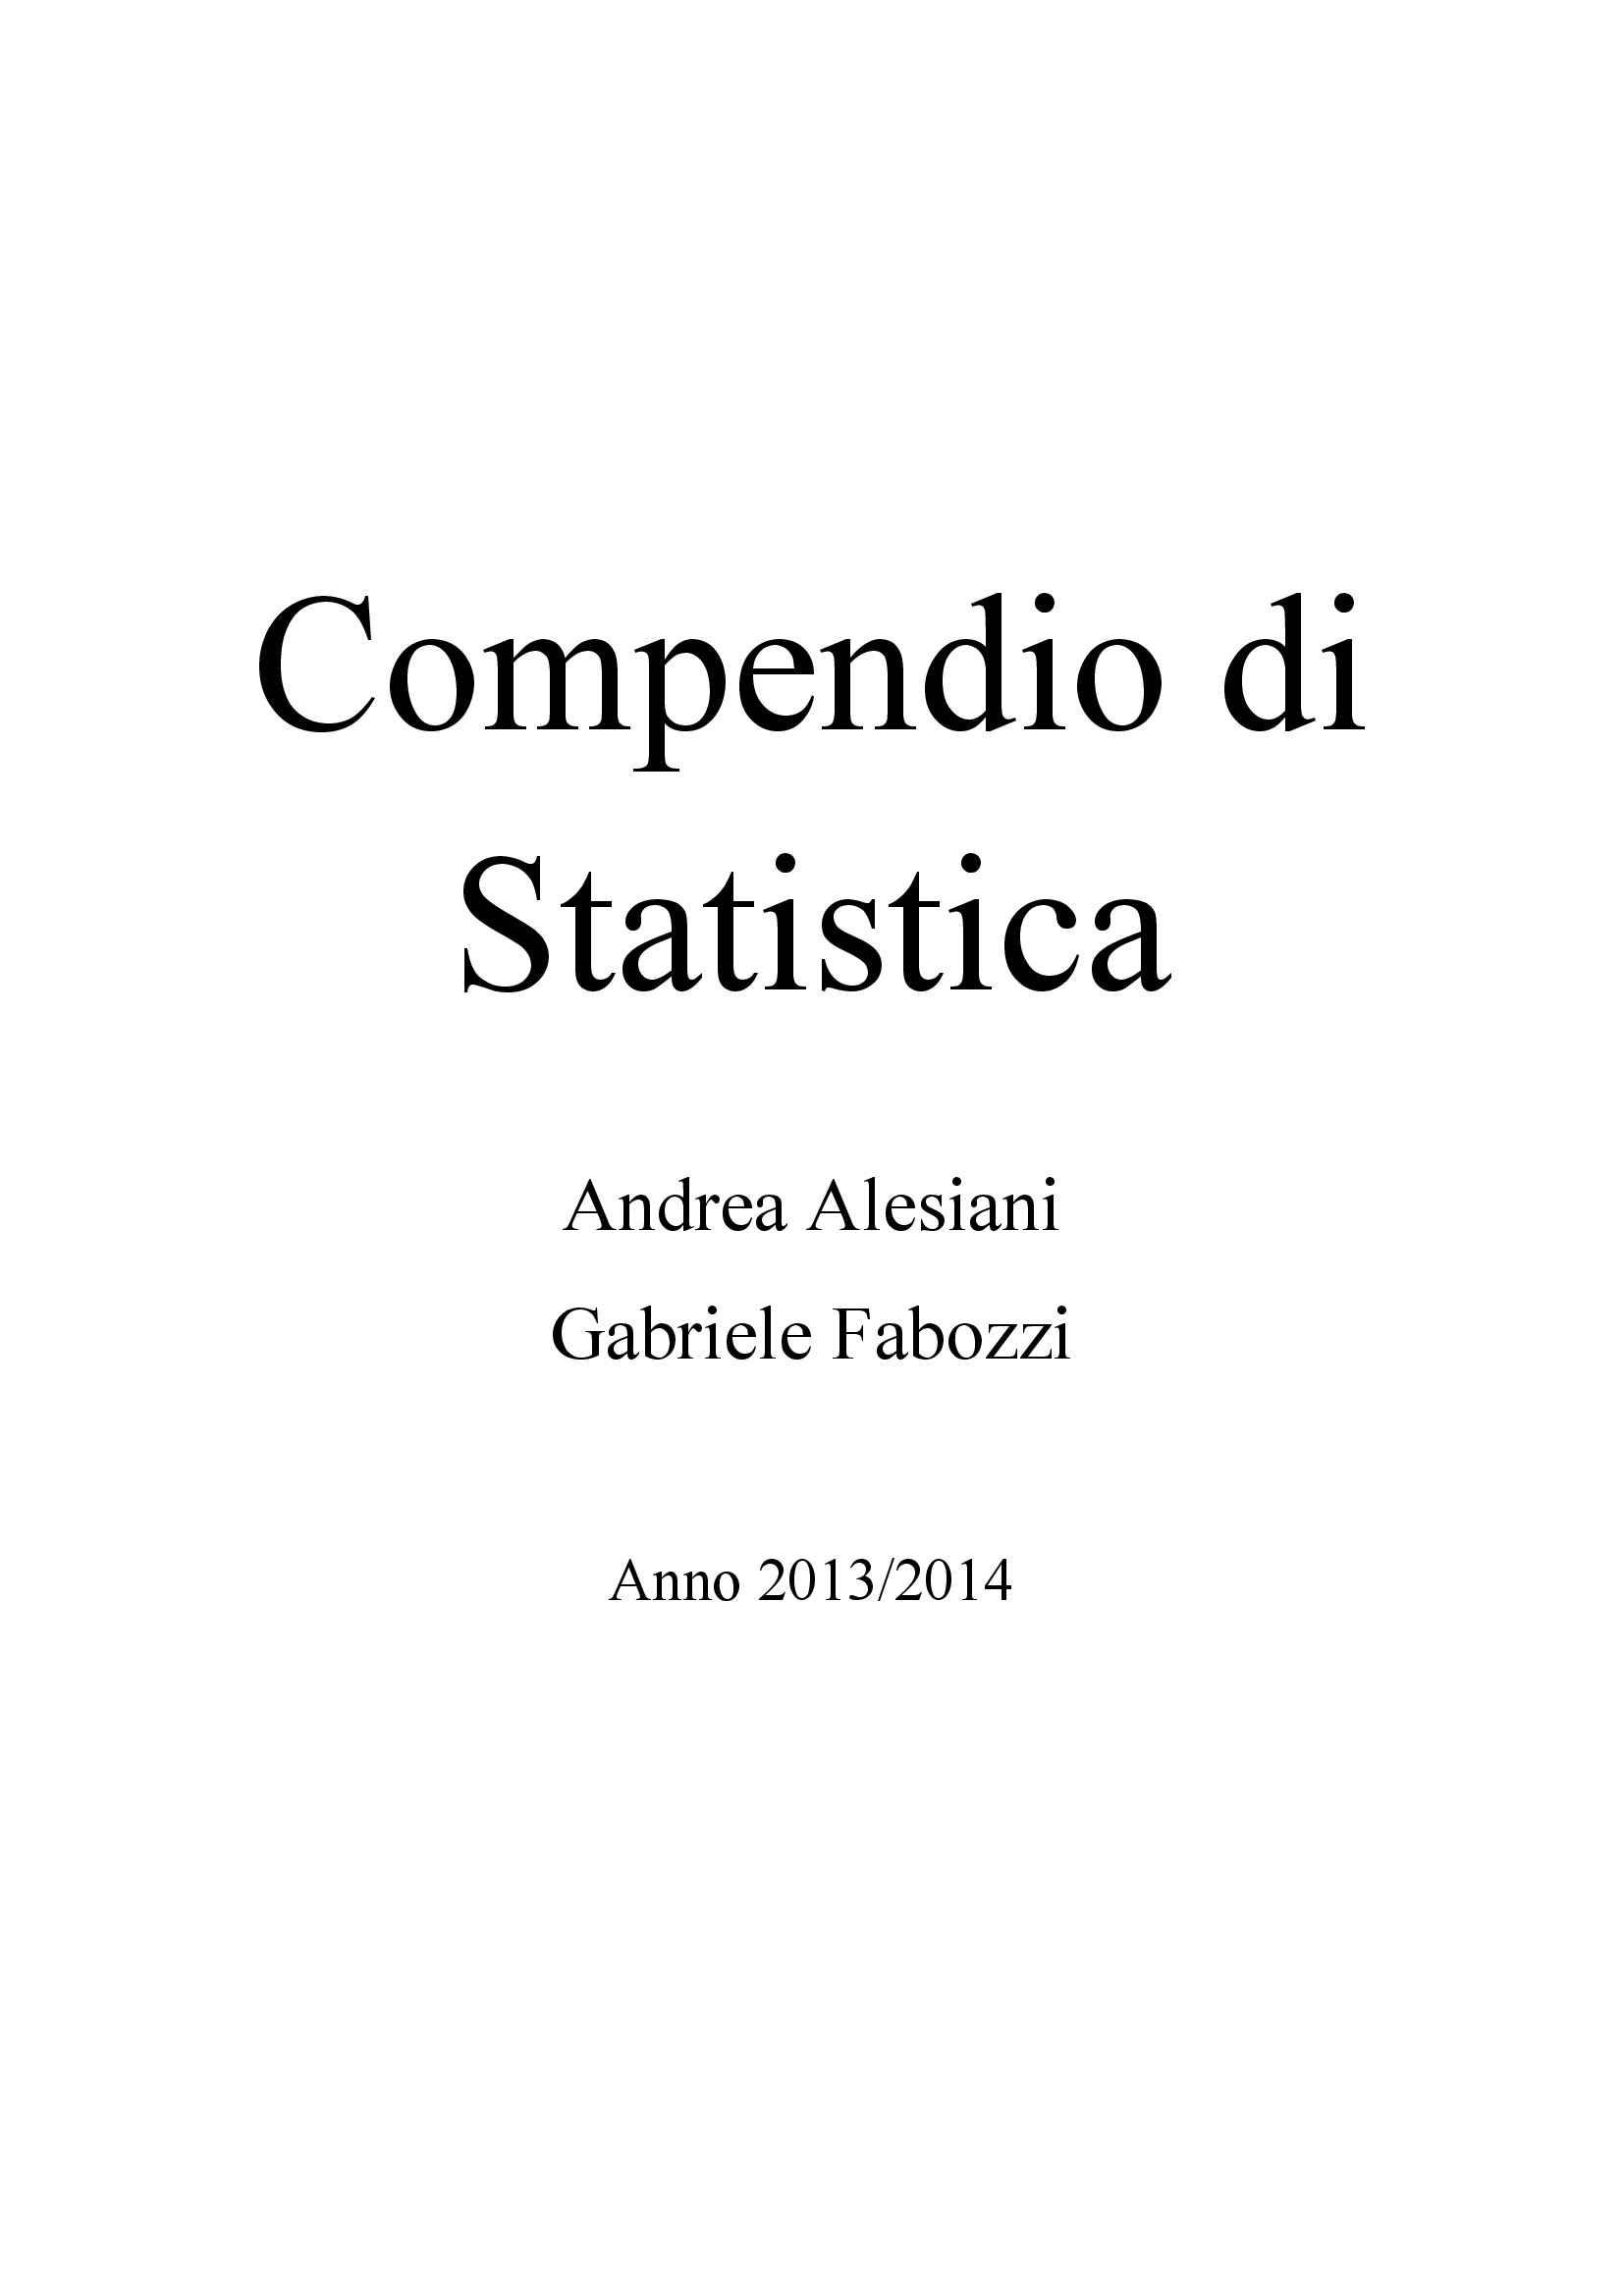 appunto F. Lagona Statistica e calcolo delle probabilità